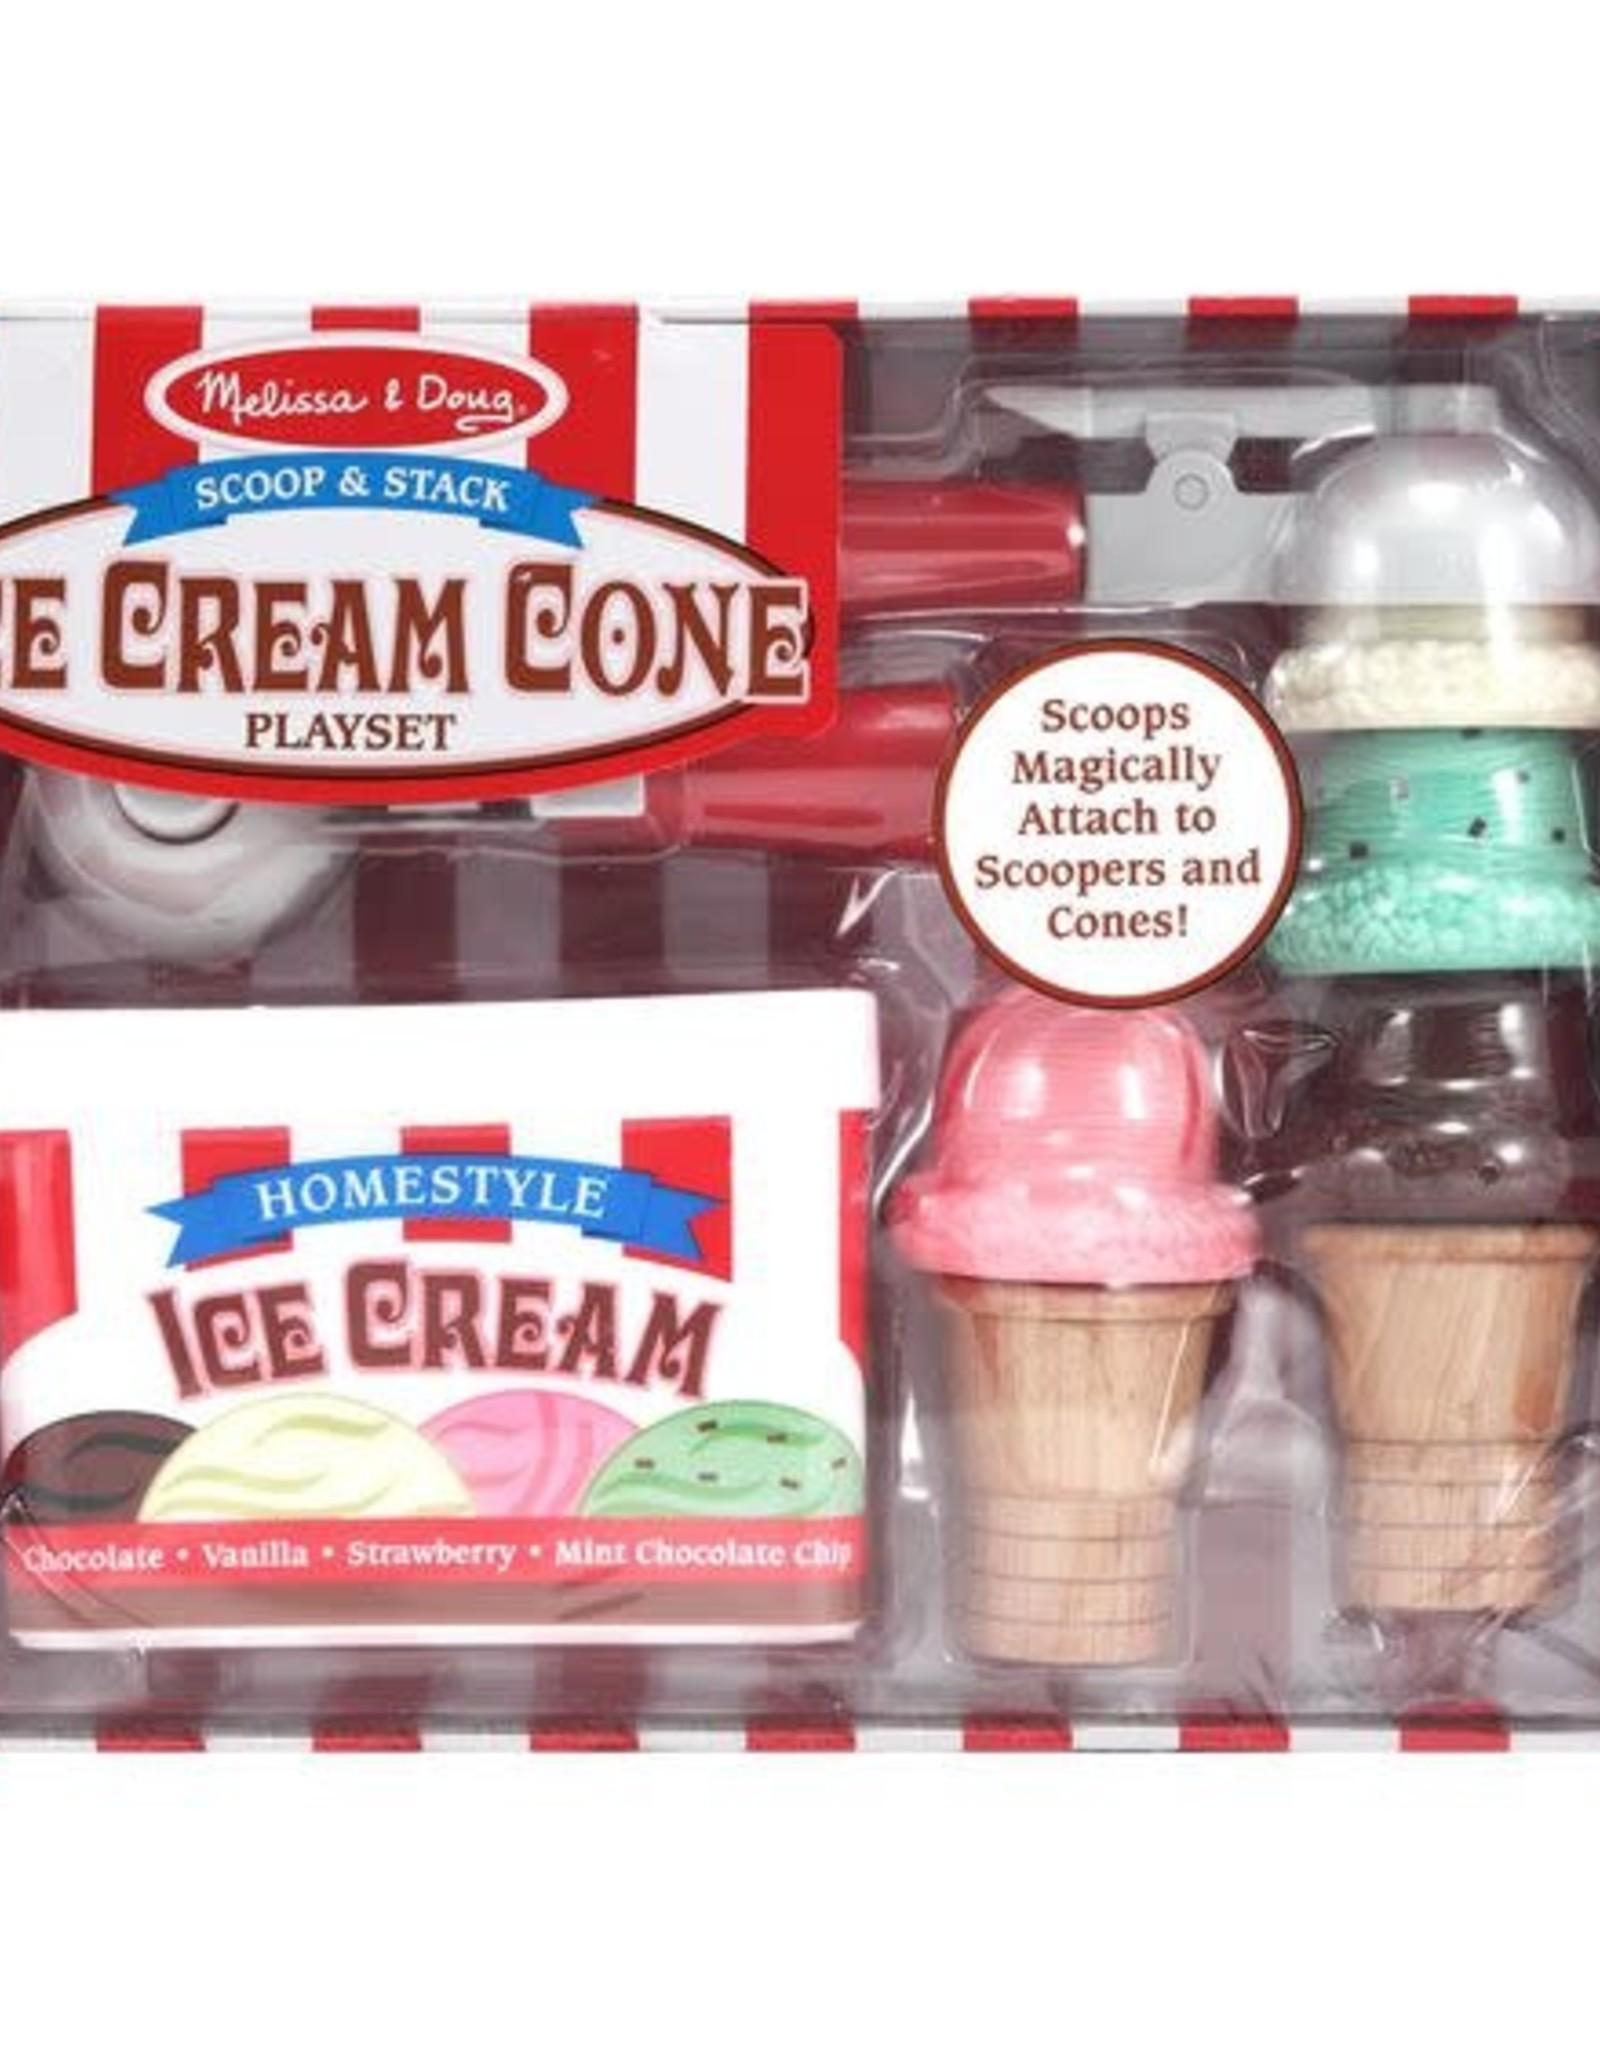 Melissa & Doug Melissa & Doug Scoop & Stack Ice Cream Cone Playset